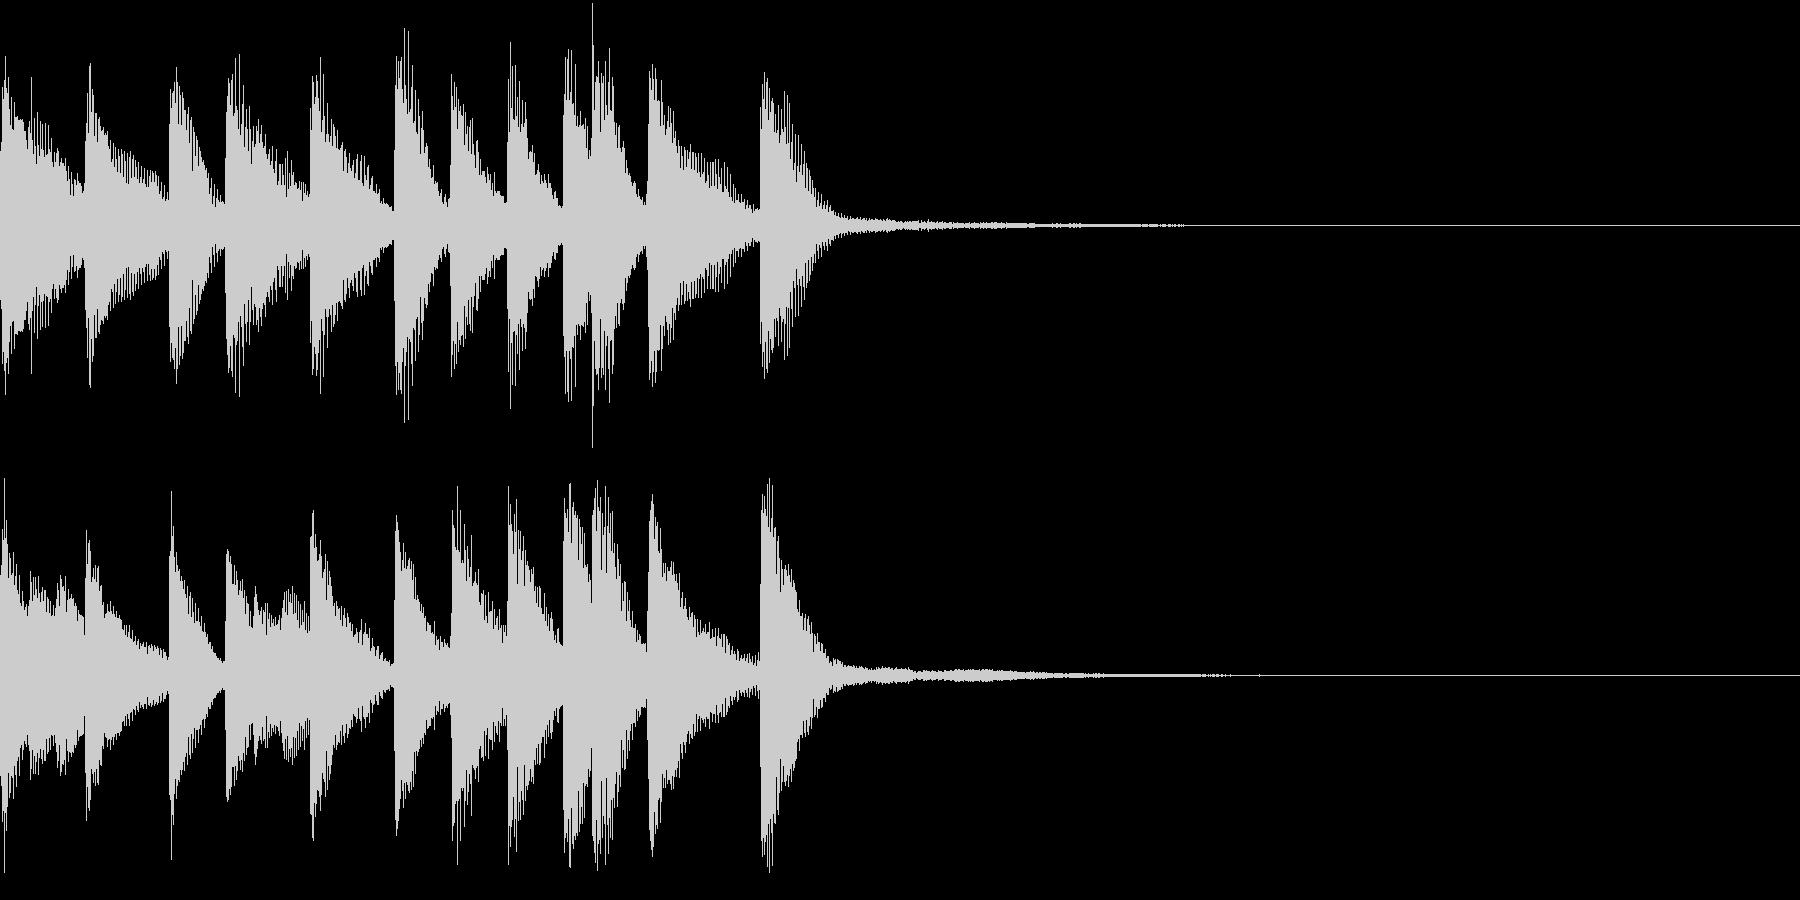 陽気な雰囲気のピアノのジングルの未再生の波形